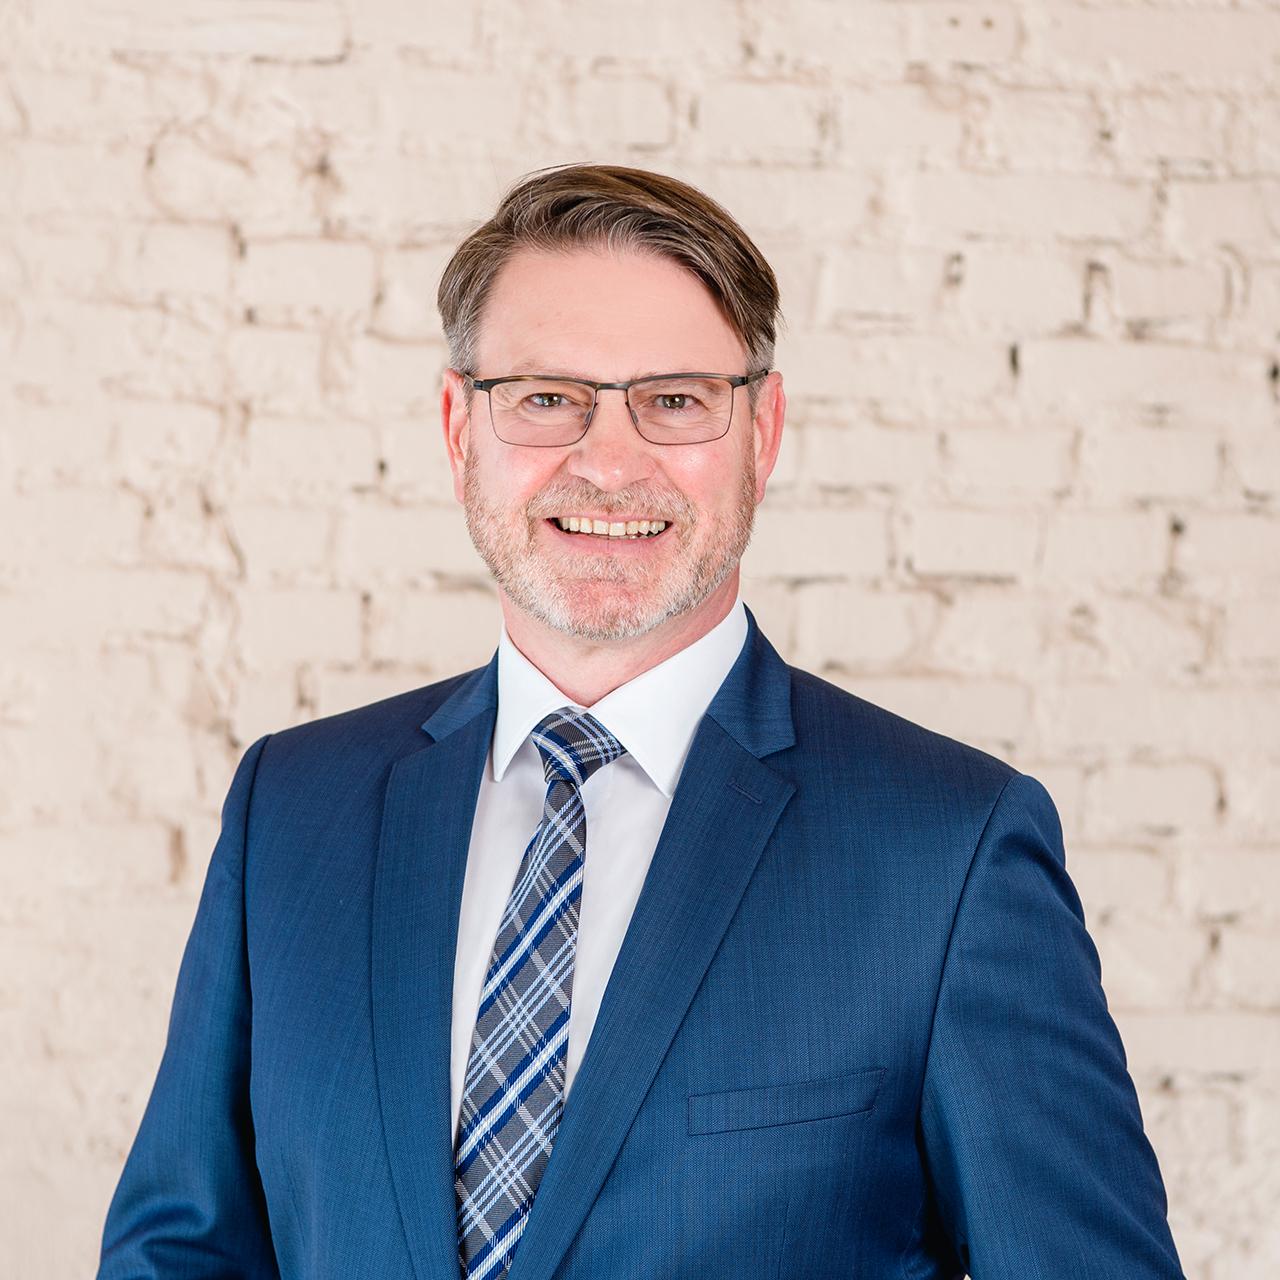 Matthias Leimpek